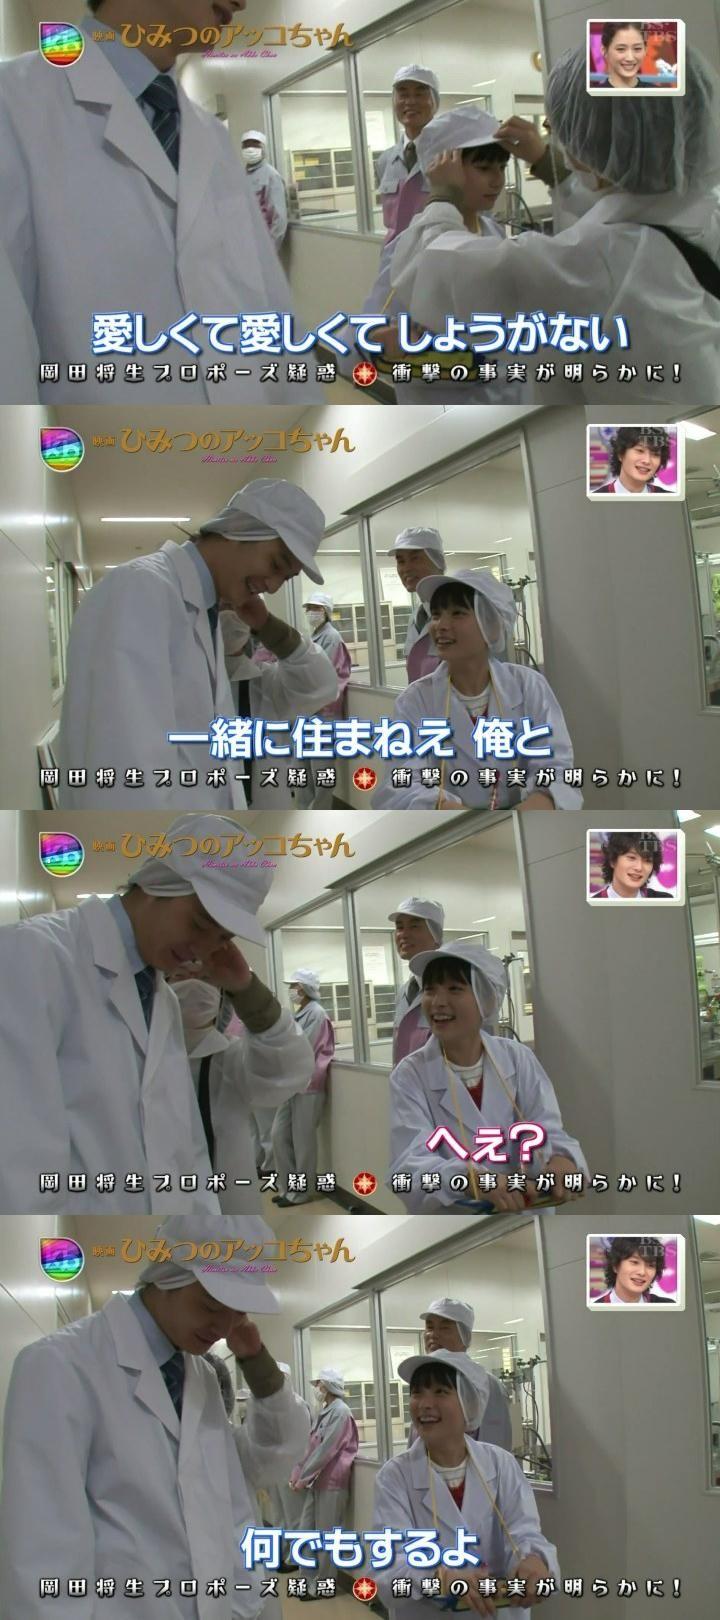 岡田将生「一緒に住まねえ?」 JS「へぇ?」 ←この反応